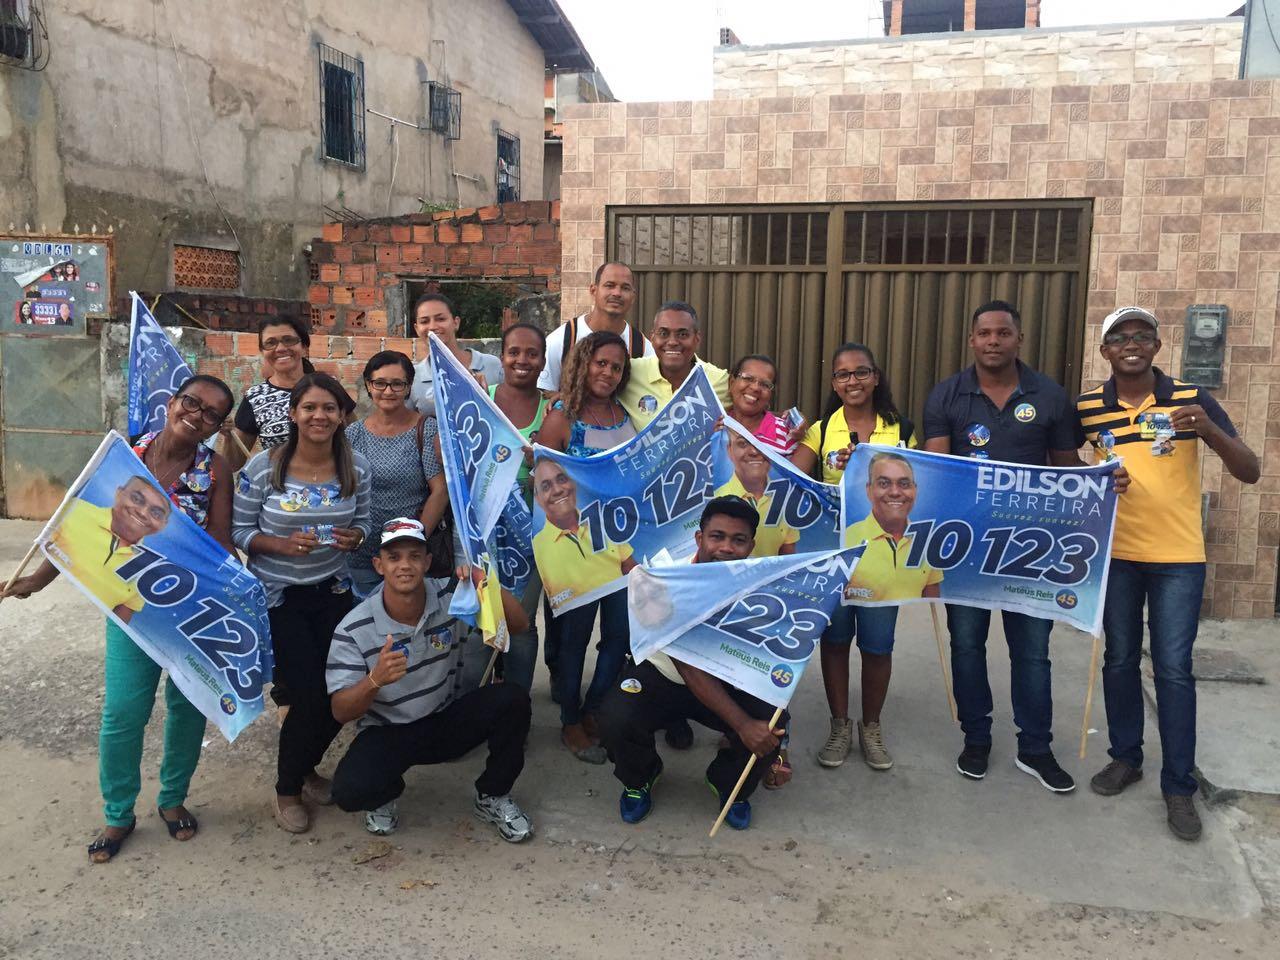 Horto Florestal e Jardim Jaraguá recebem visita de Edilson Ferreira nesta quarta-feira